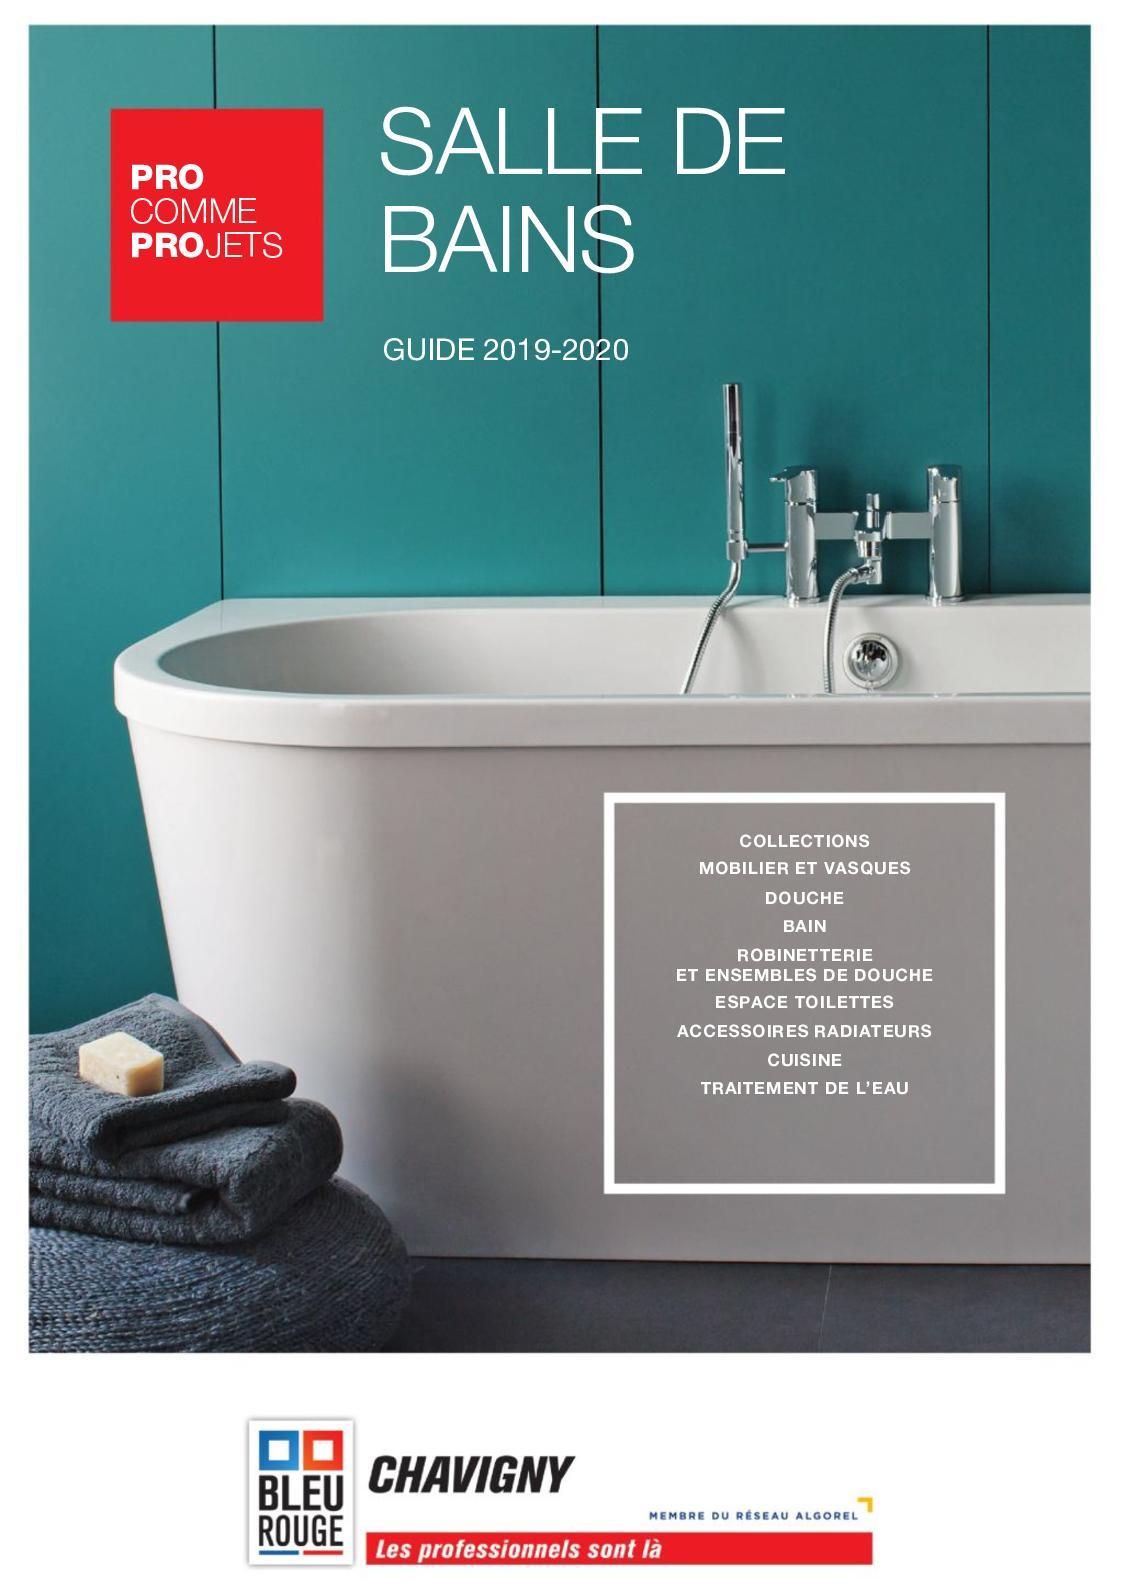 Table De Jardin Plastique Blanc Inspirant Calaméo Catalogue Salle De Bain 2019 2020 Of 40 Génial Table De Jardin Plastique Blanc